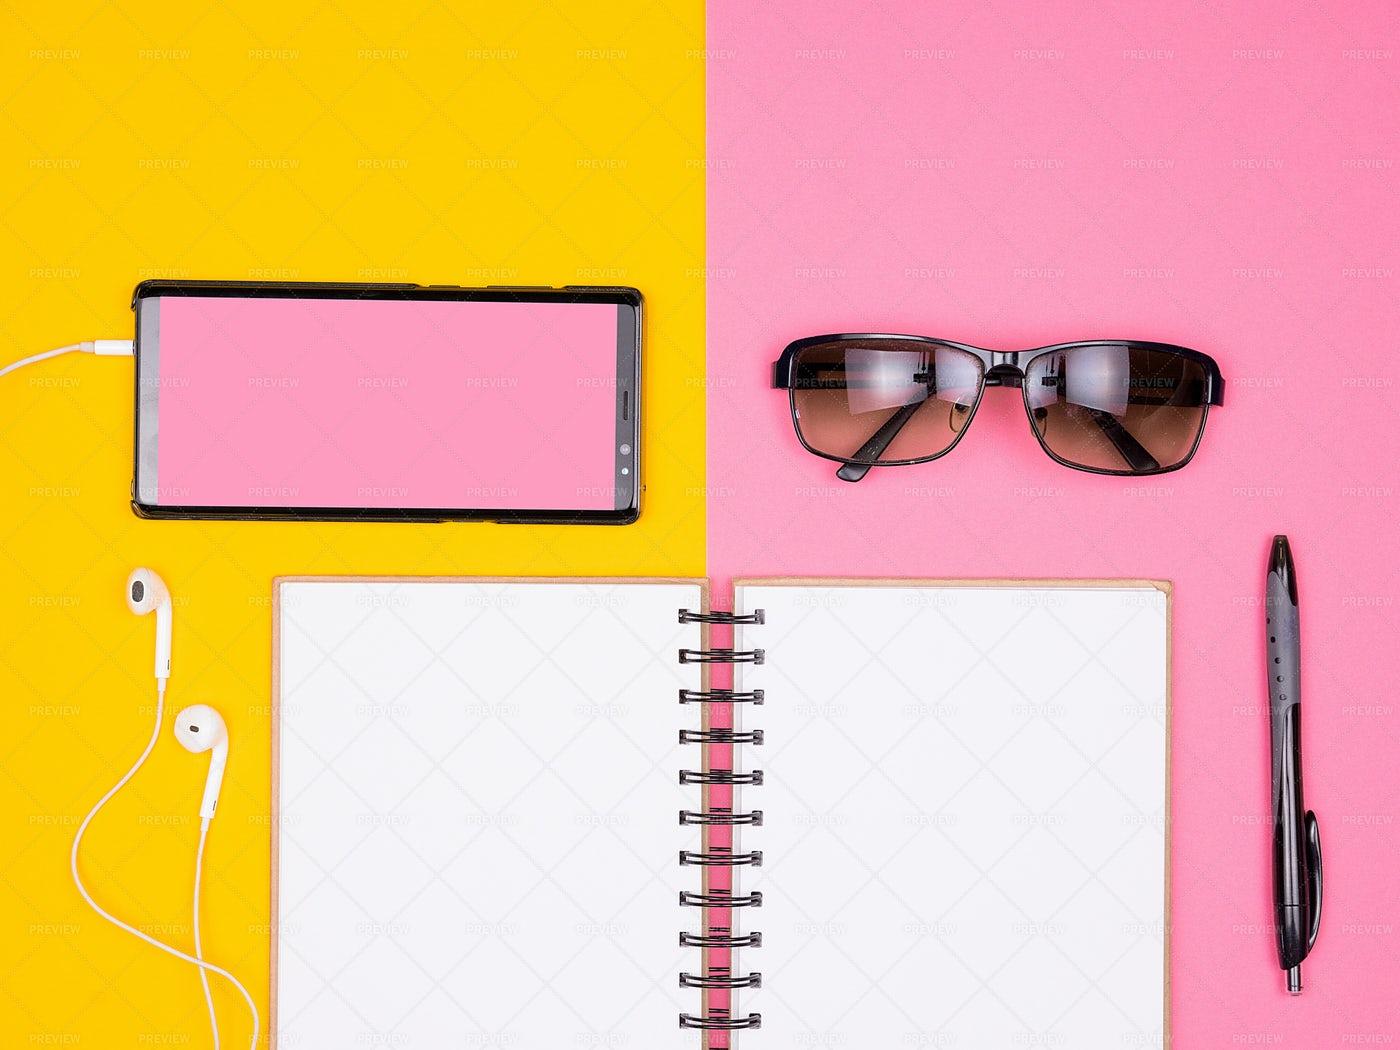 Open Paper Notebook Next To A Pen: Stock Photos